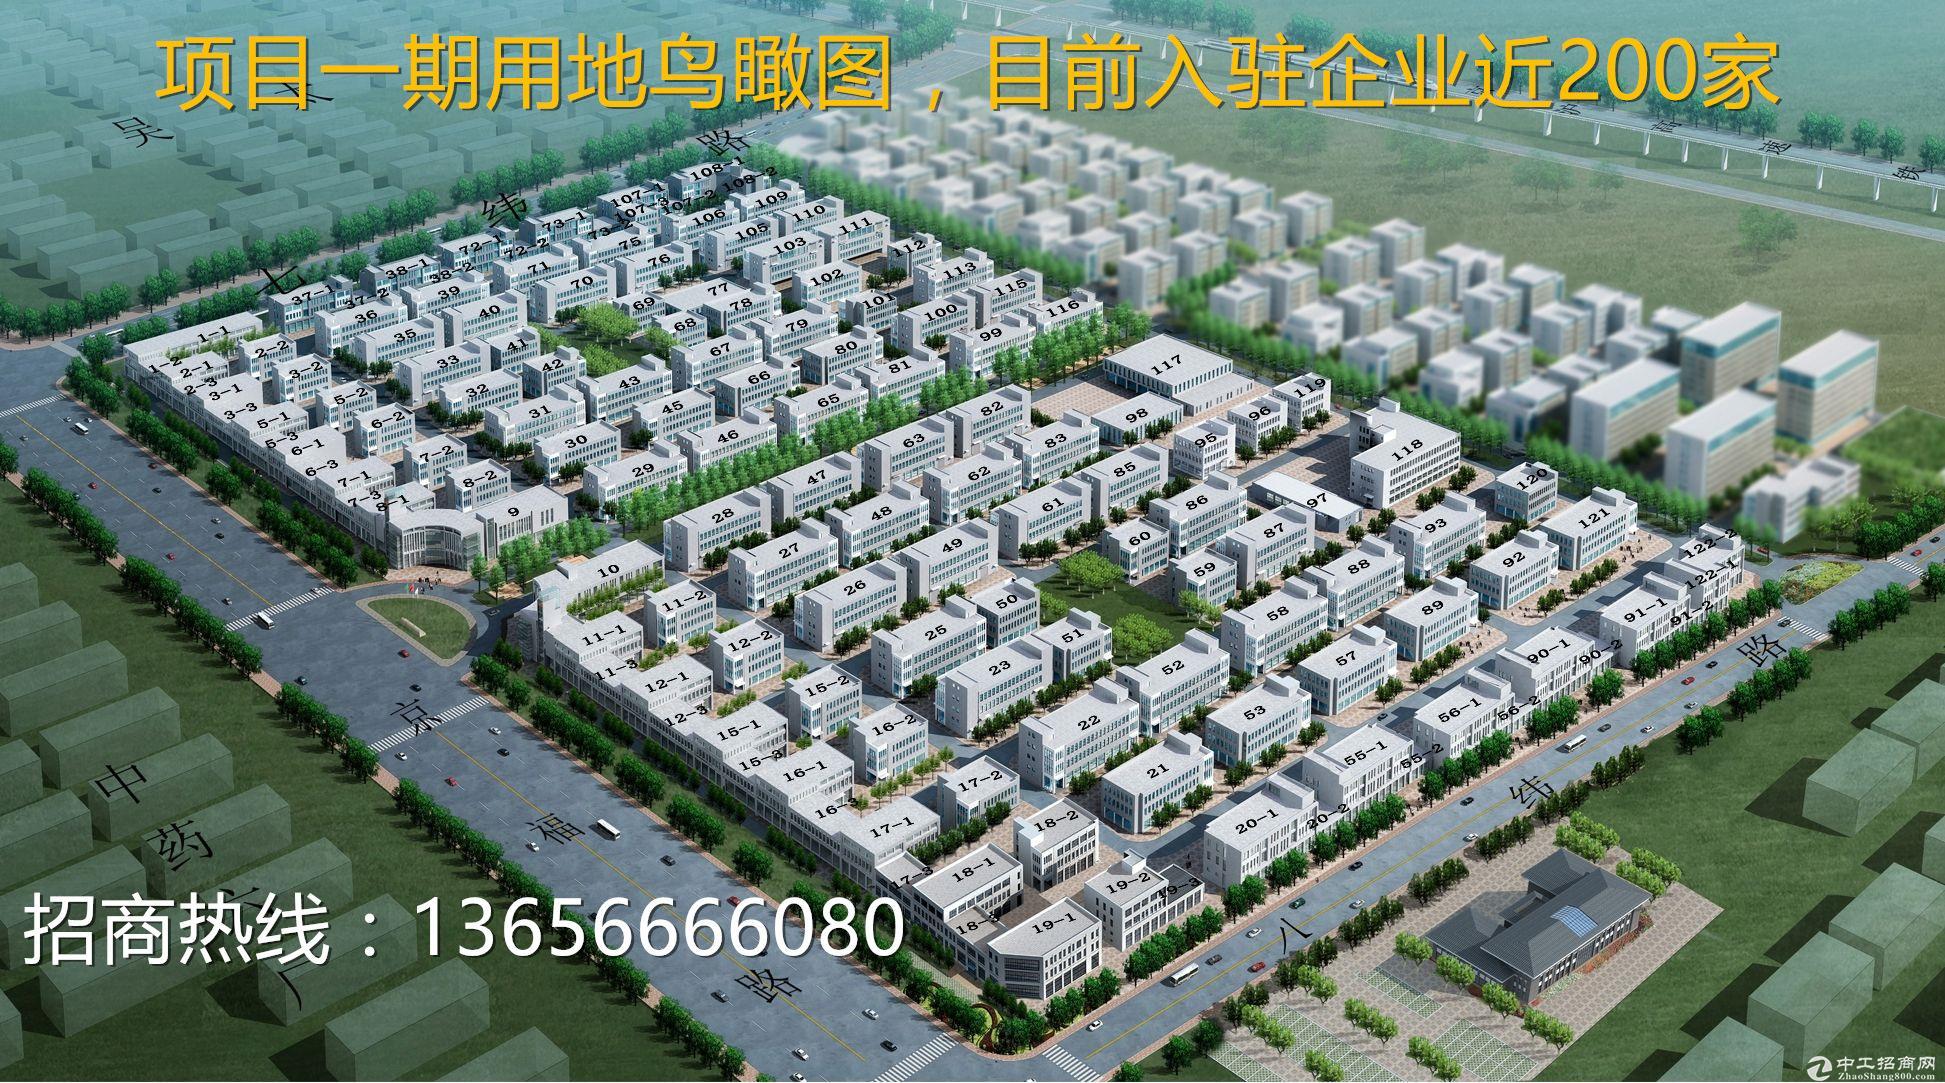 【带产证】北京外迁企业好去处,企业发展首选,有房本可贷款